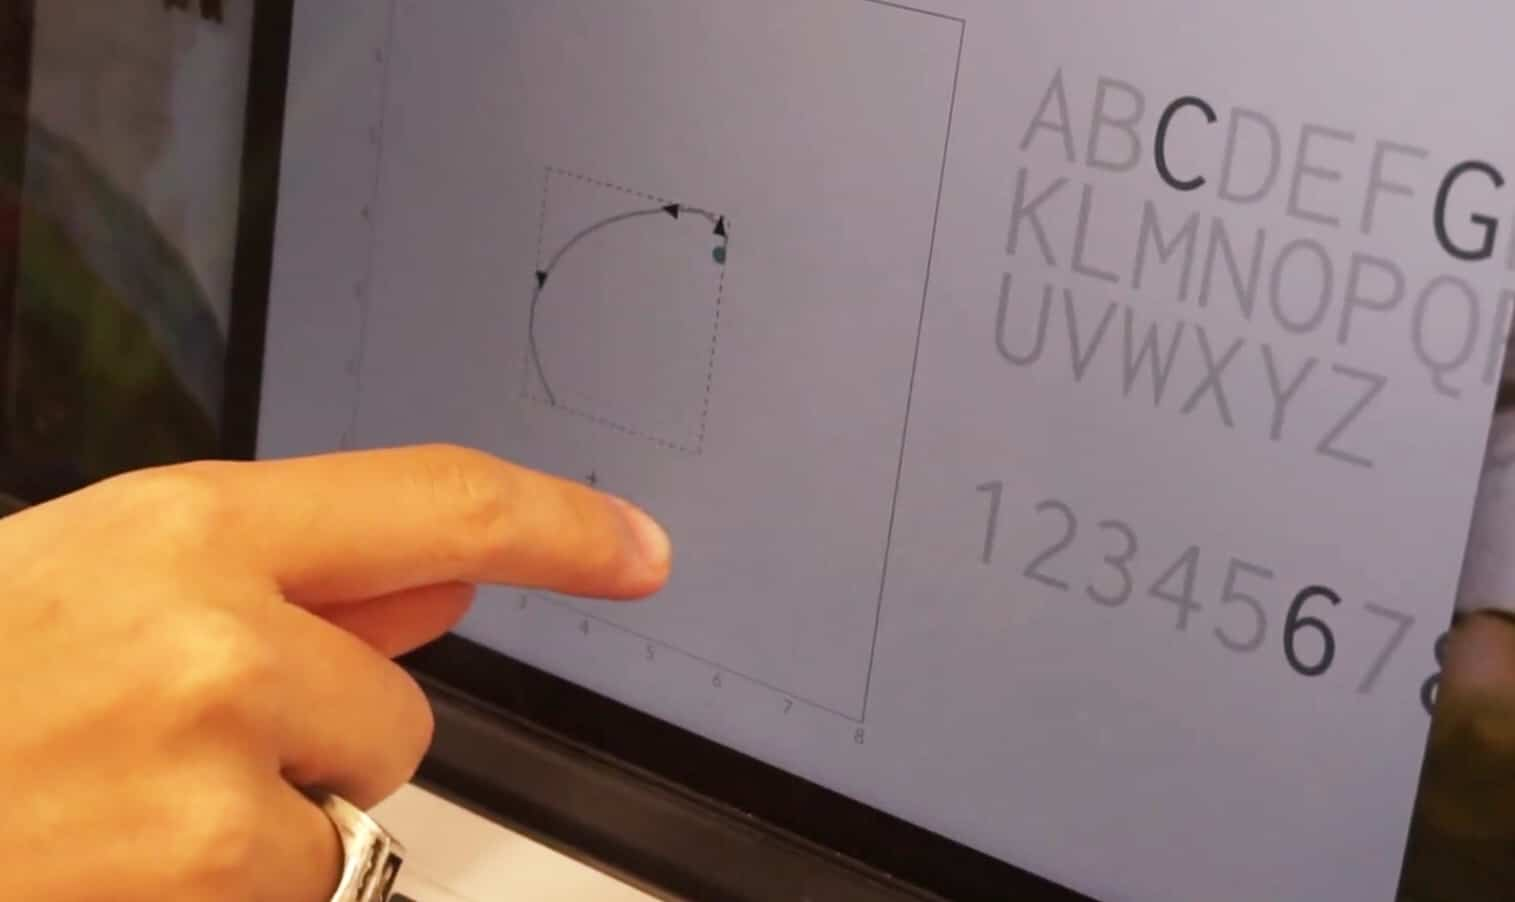 Touchscreen MacBook prototype